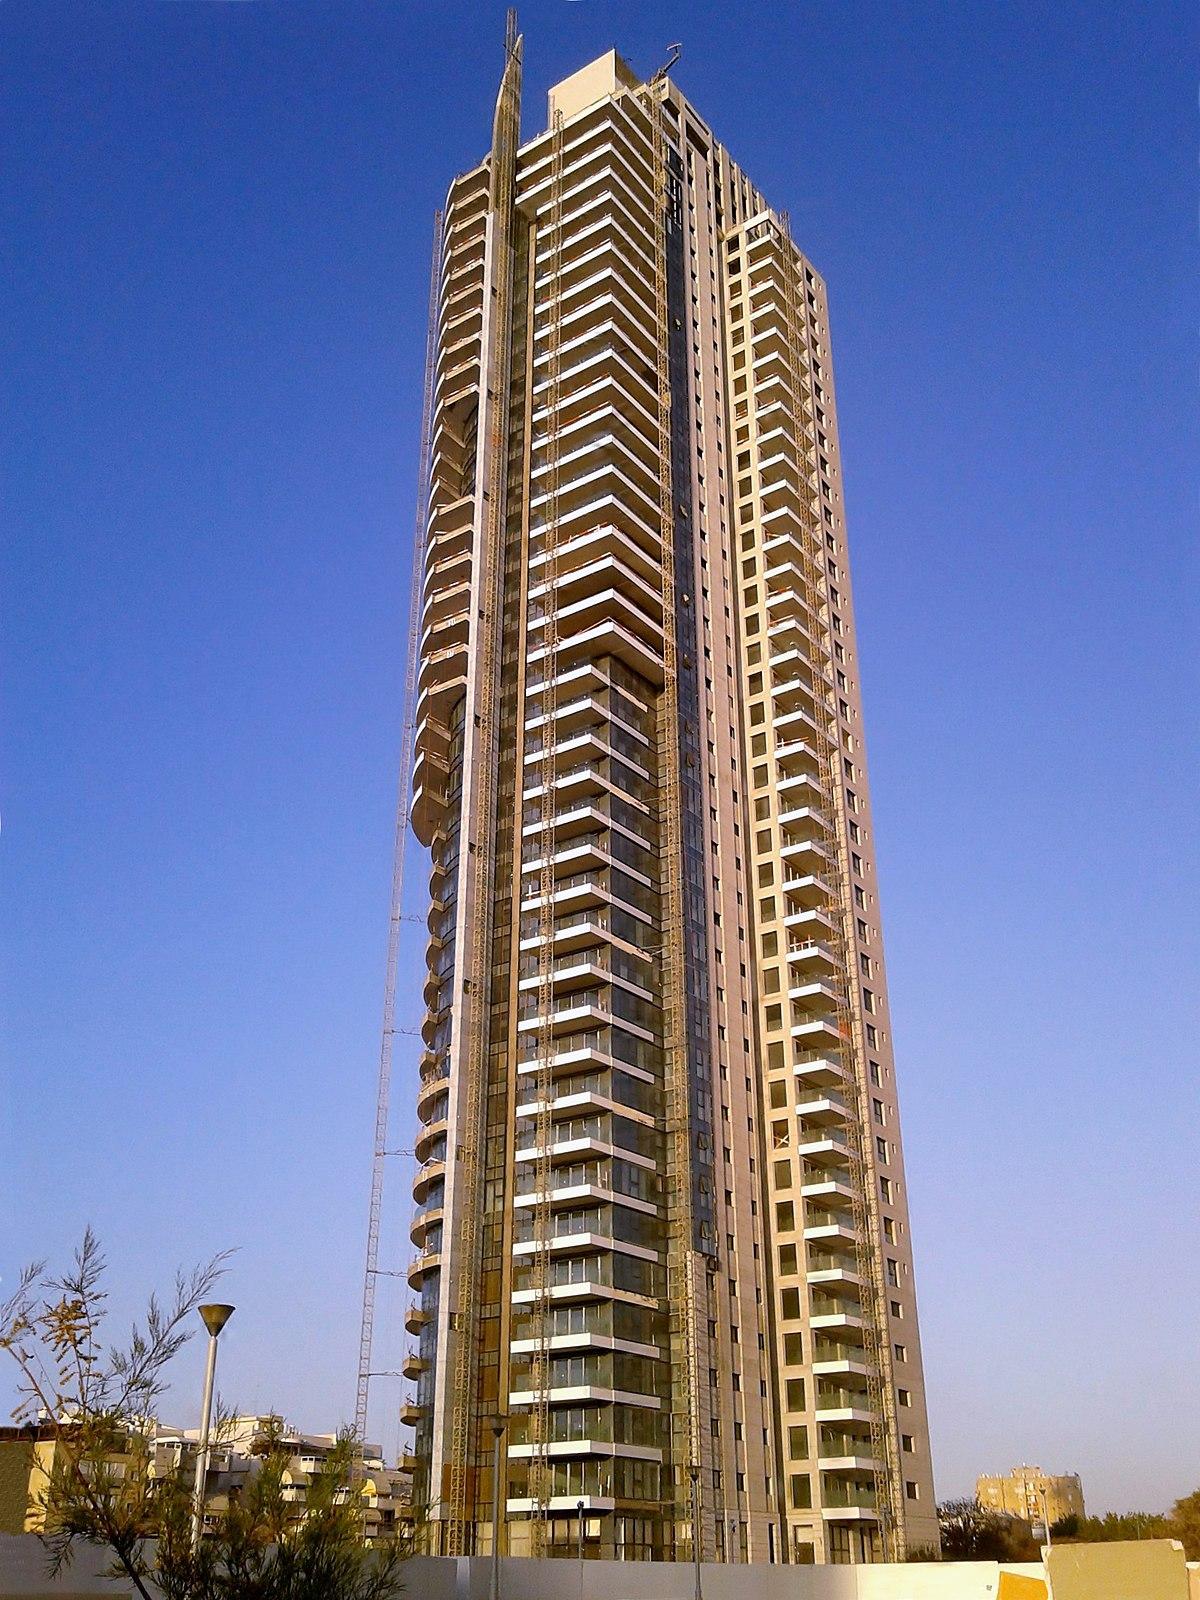 Neve Nof Tower Wikipedia